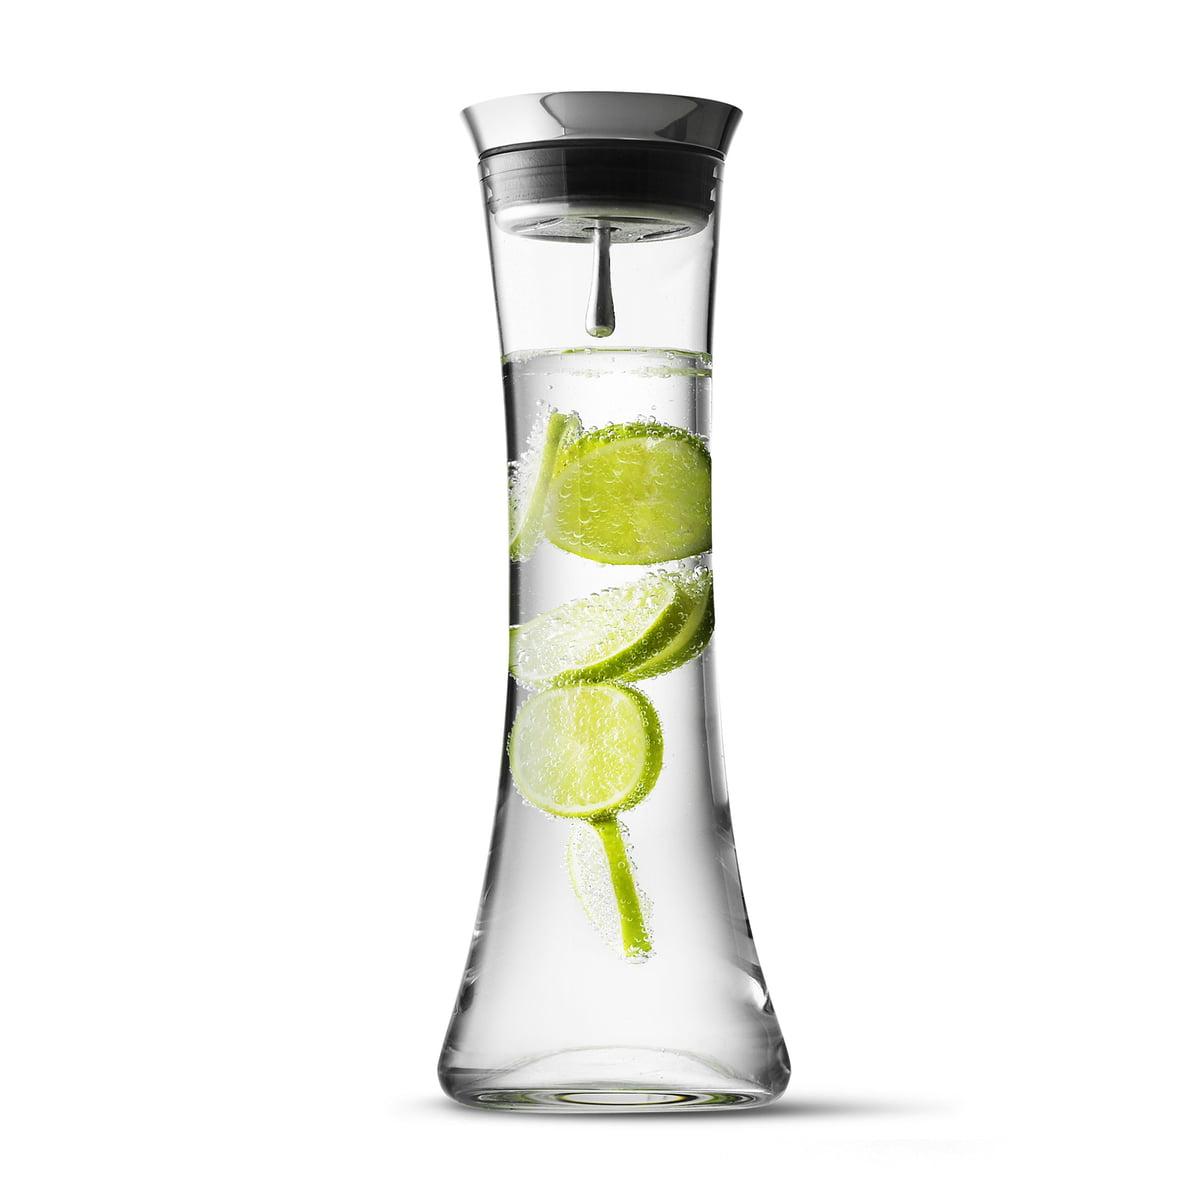 Wasserkaraffe mit Edelstahldeckel von Menu | Connox